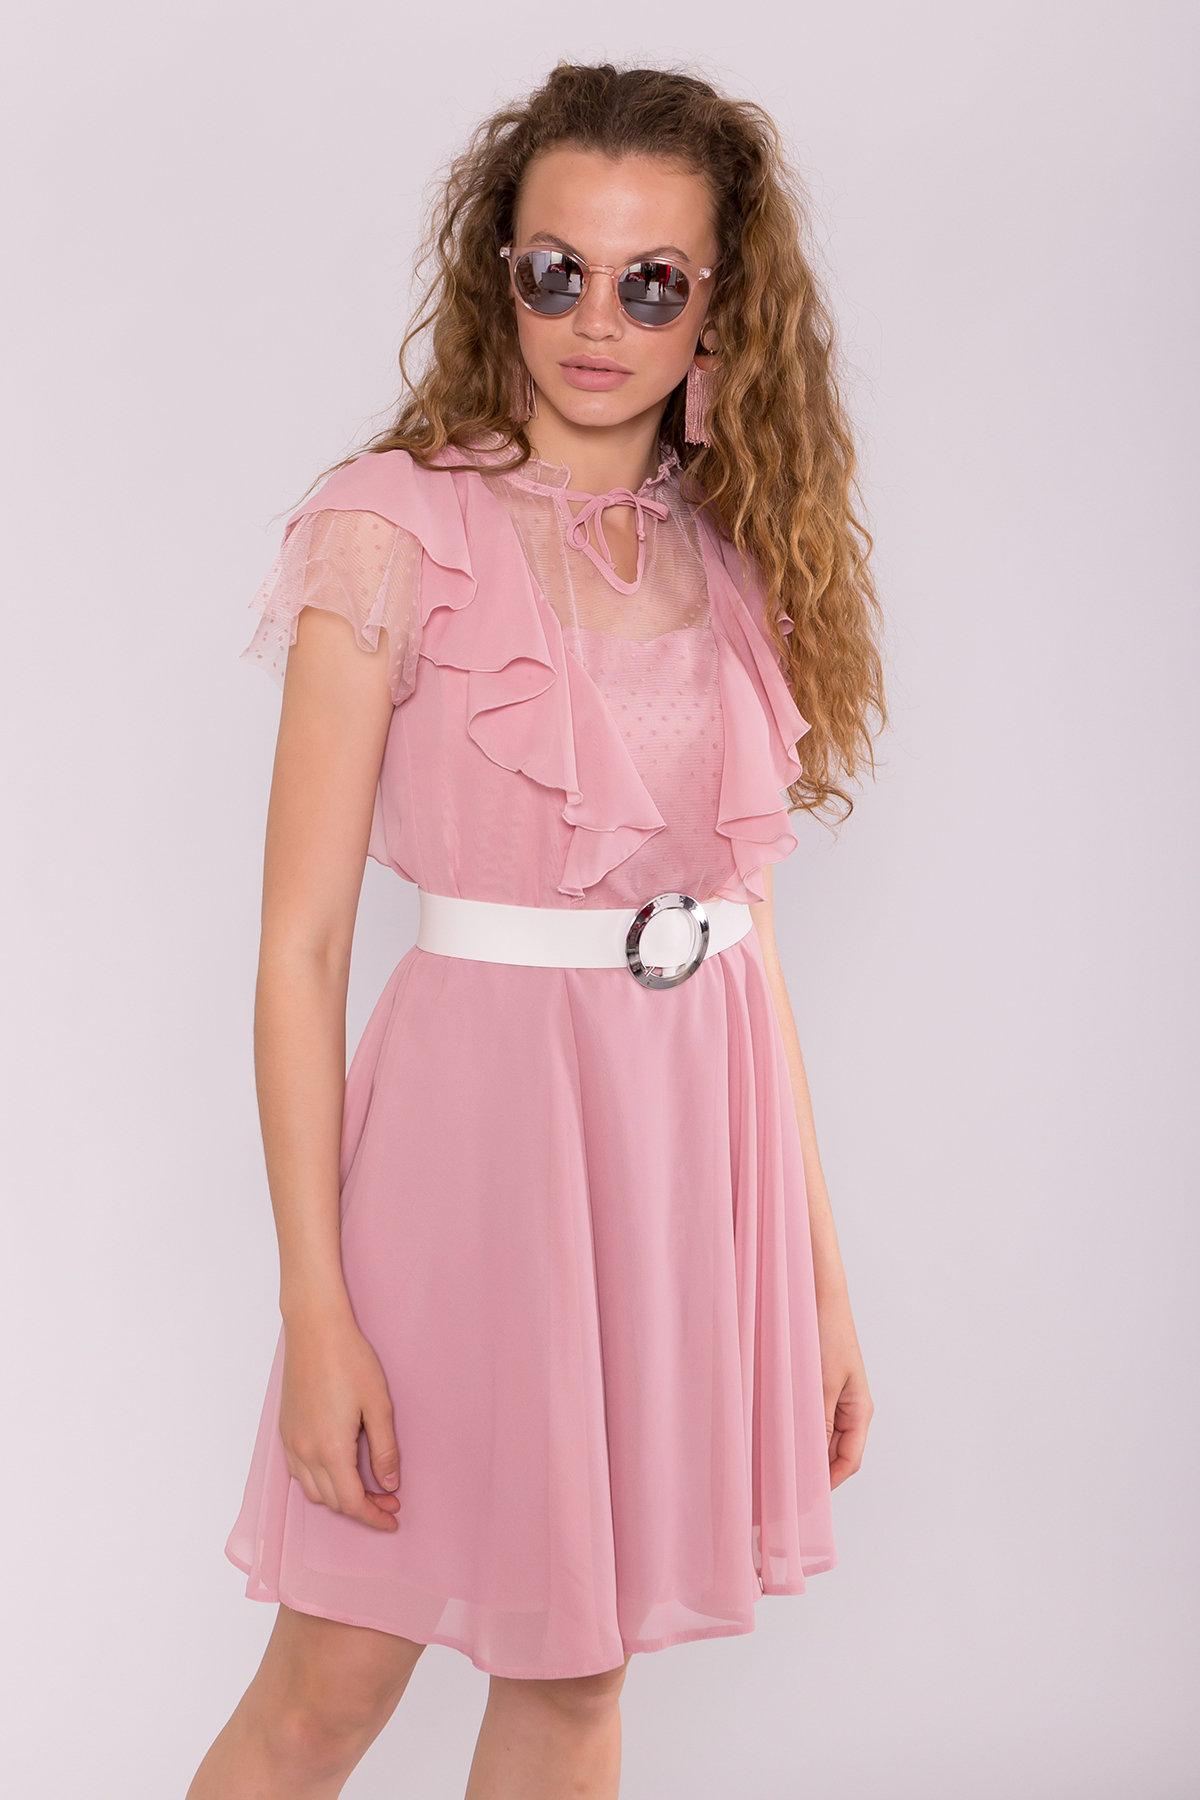 Платье Дали 6992 АРТ. 42792 Цвет: Пудра 4 - фото 3, интернет магазин tm-modus.ru